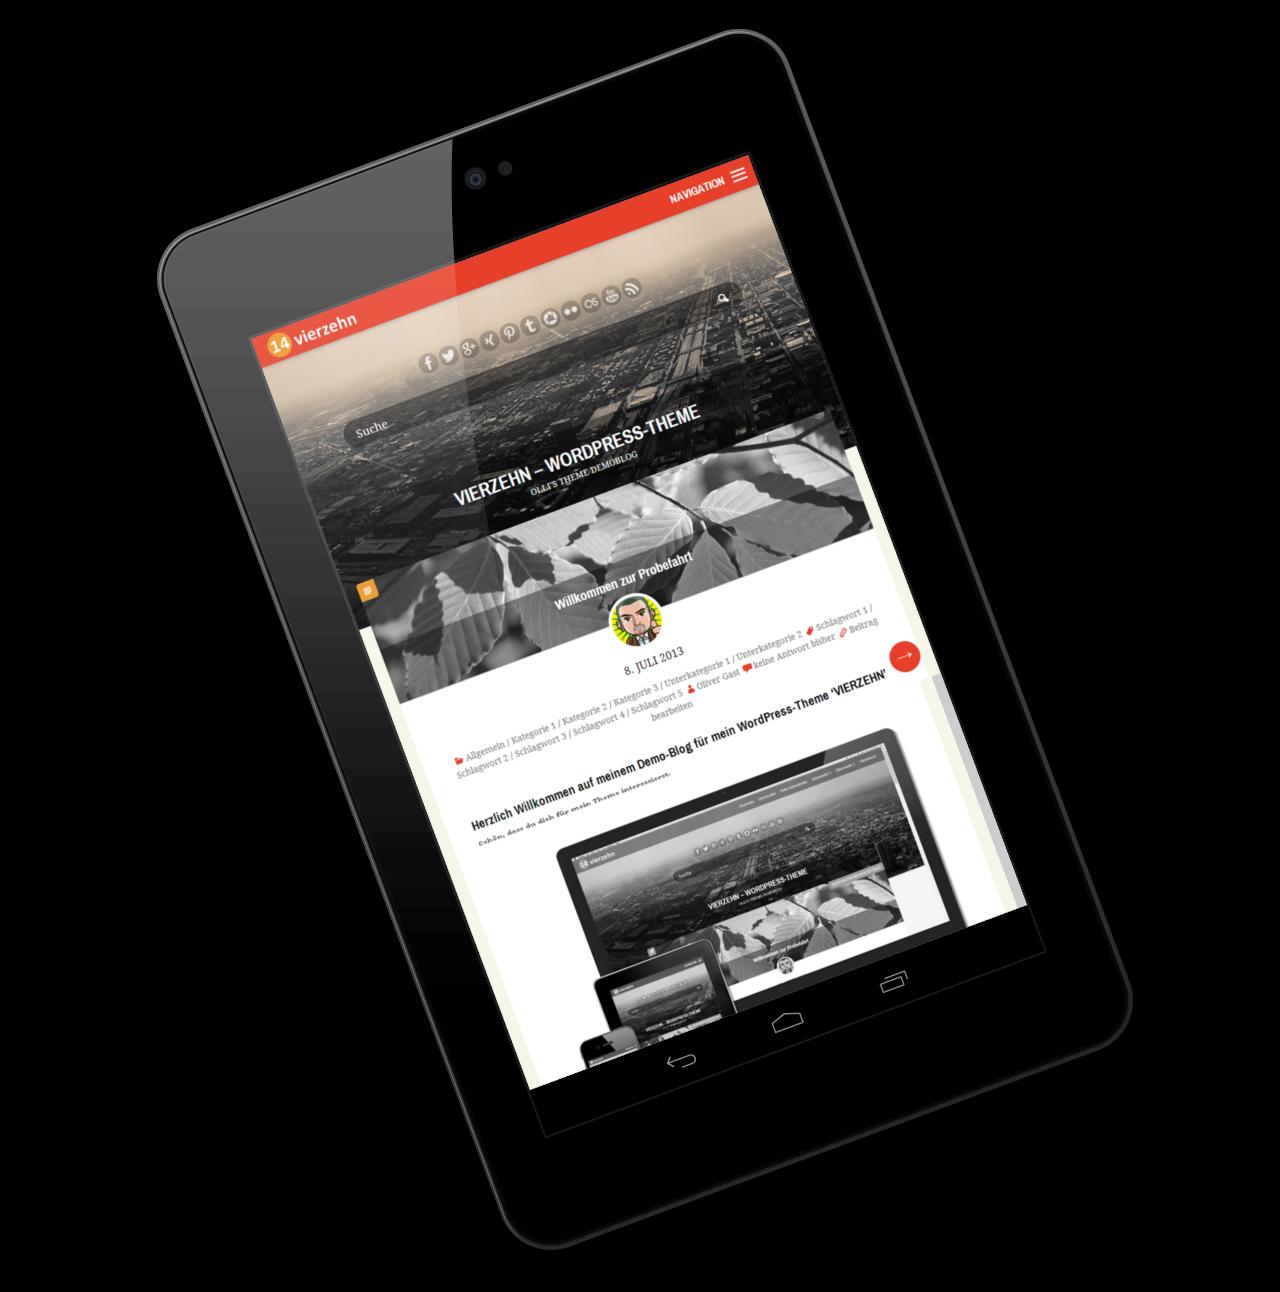 WordPress Theme 'VIERZEHN' auf Tablet